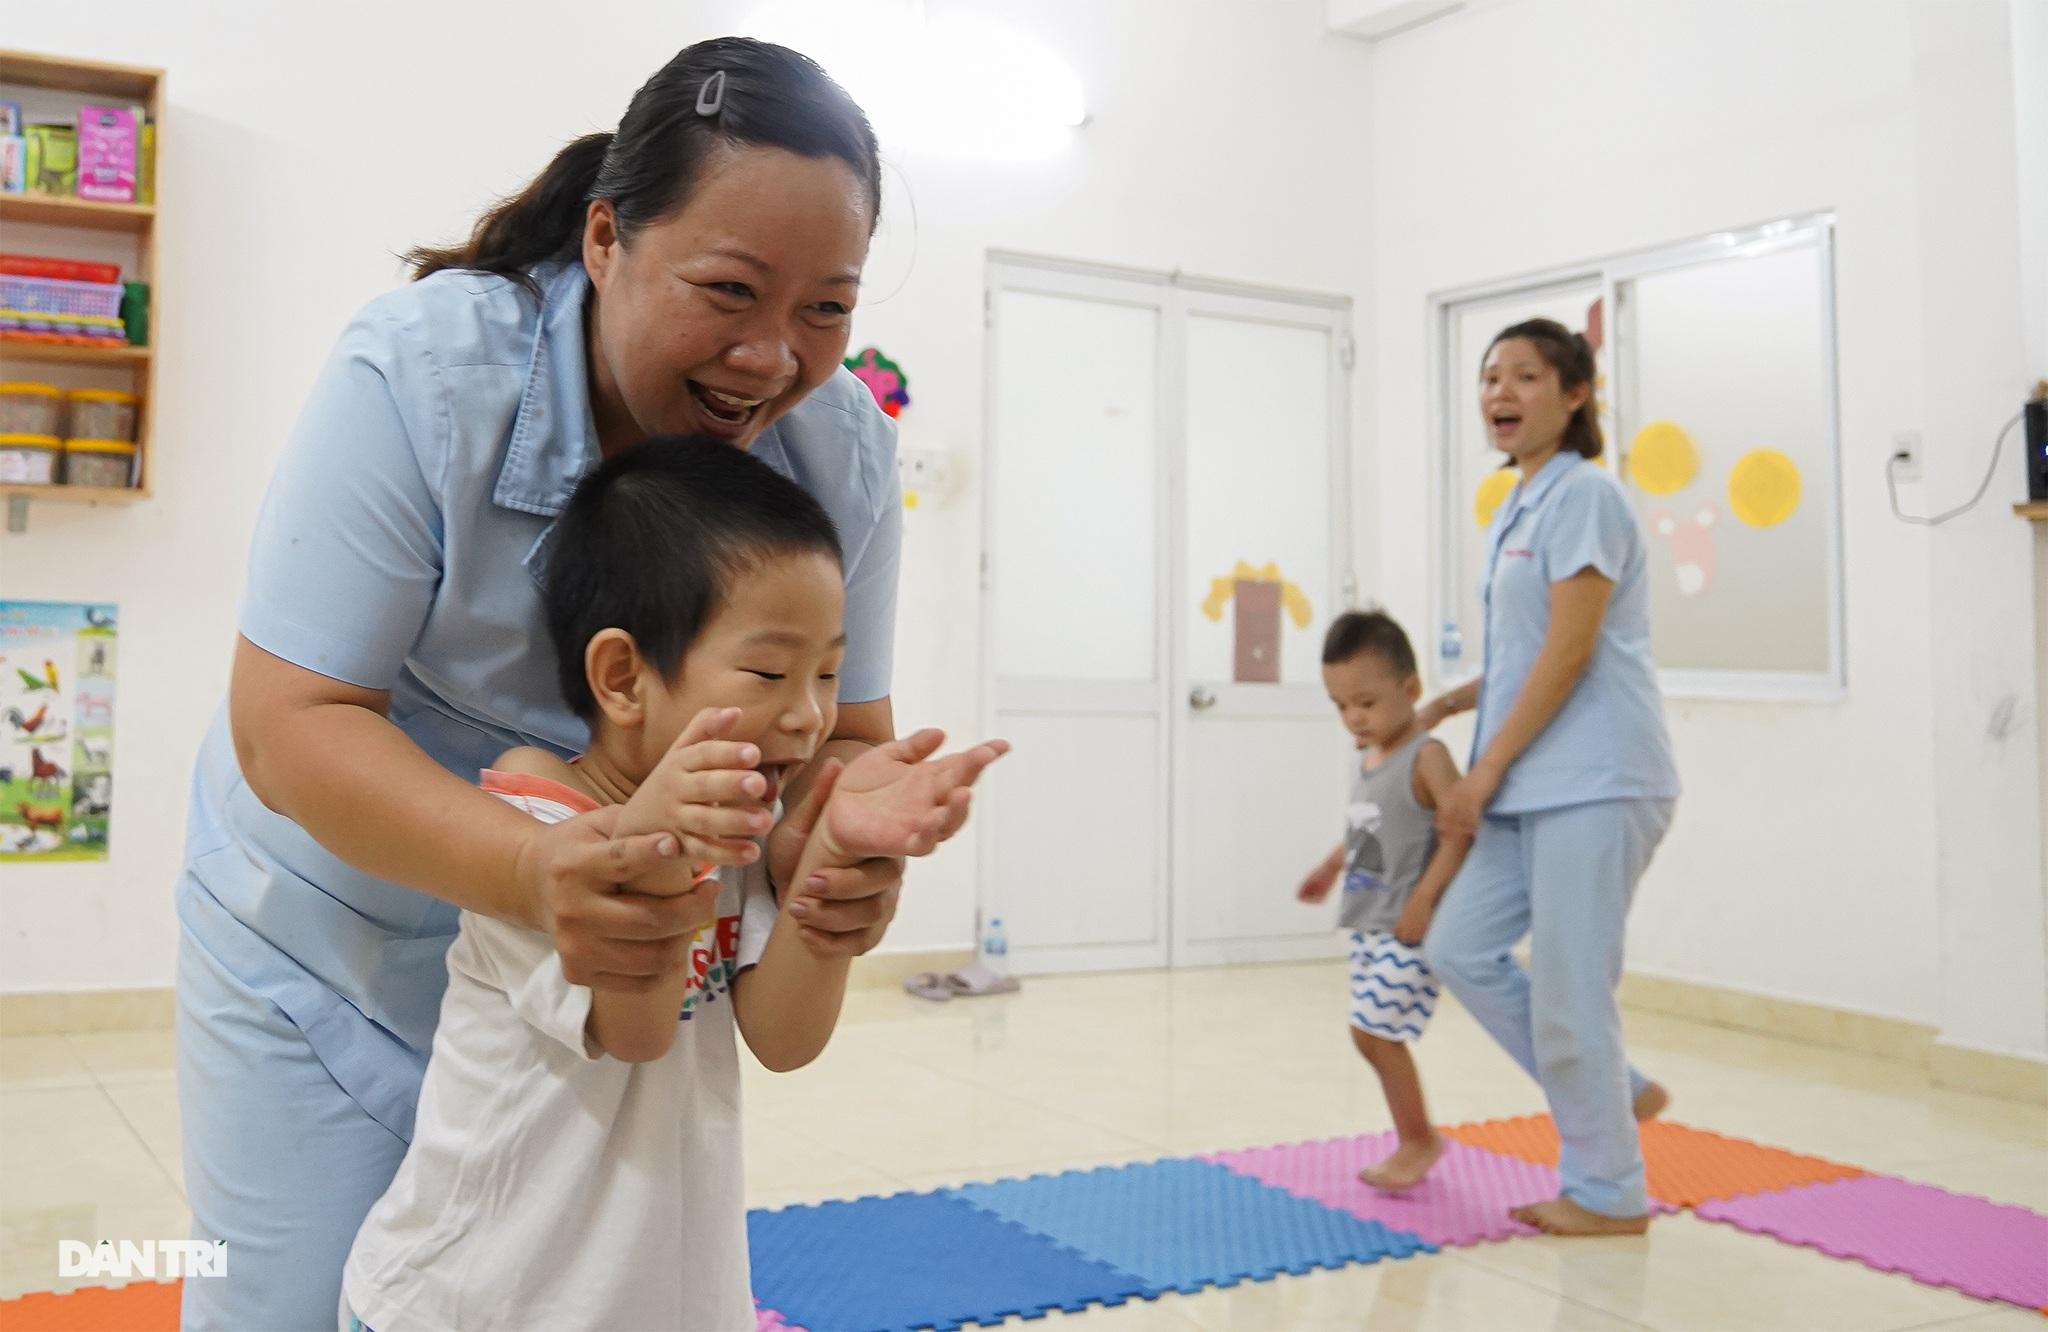 Dạy trẻ khuyết tật đòi hỏi phải kiên nhẫn và yêu thương - 6